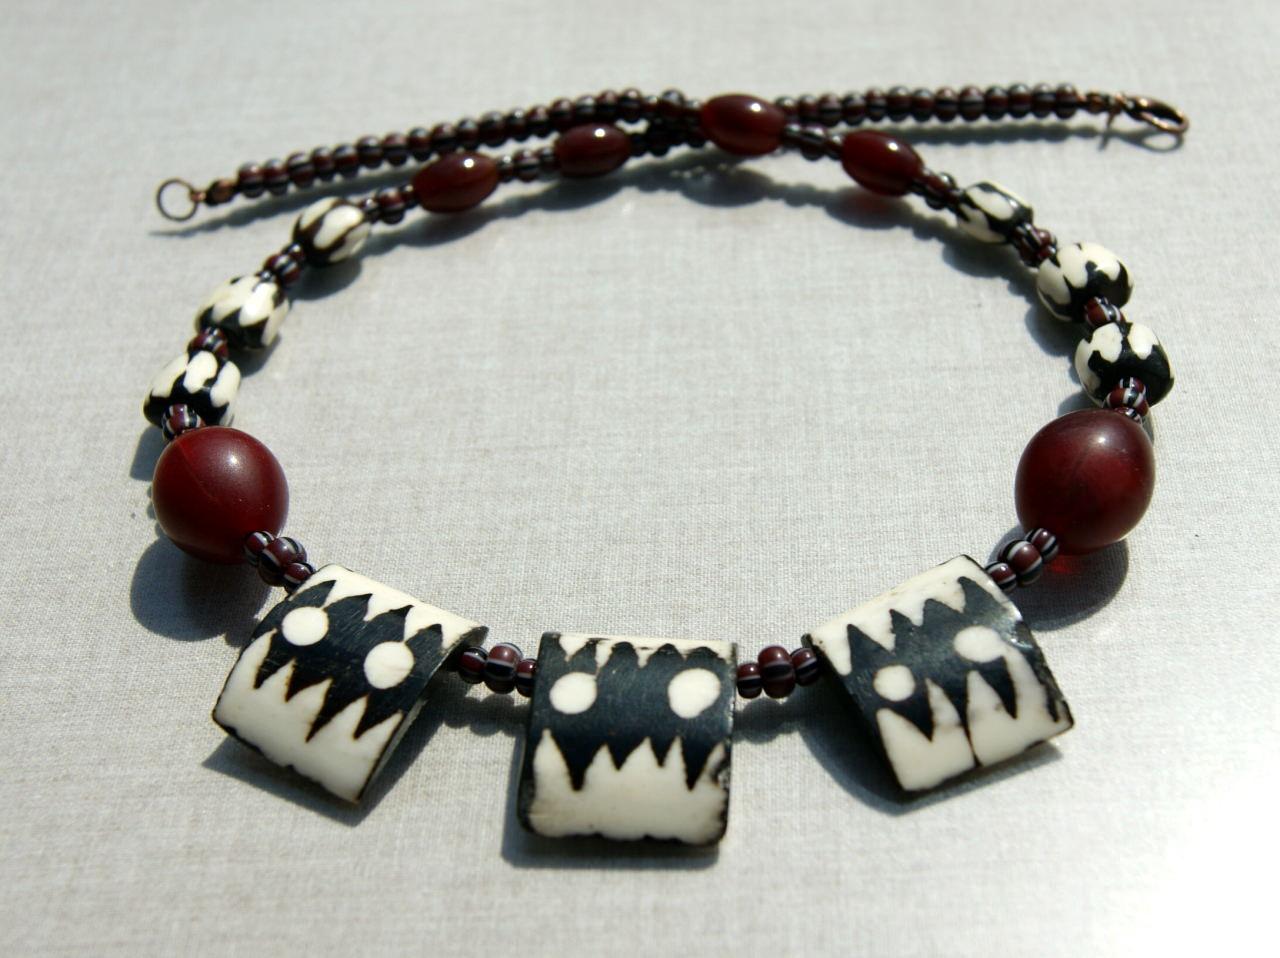 Kleinesbild - Collier ZAUBER AFRIKAS gebatikte Knochenperlen Tuareg afrikanische Handelsperlen Karneol rot schwarz weiß  Unikat